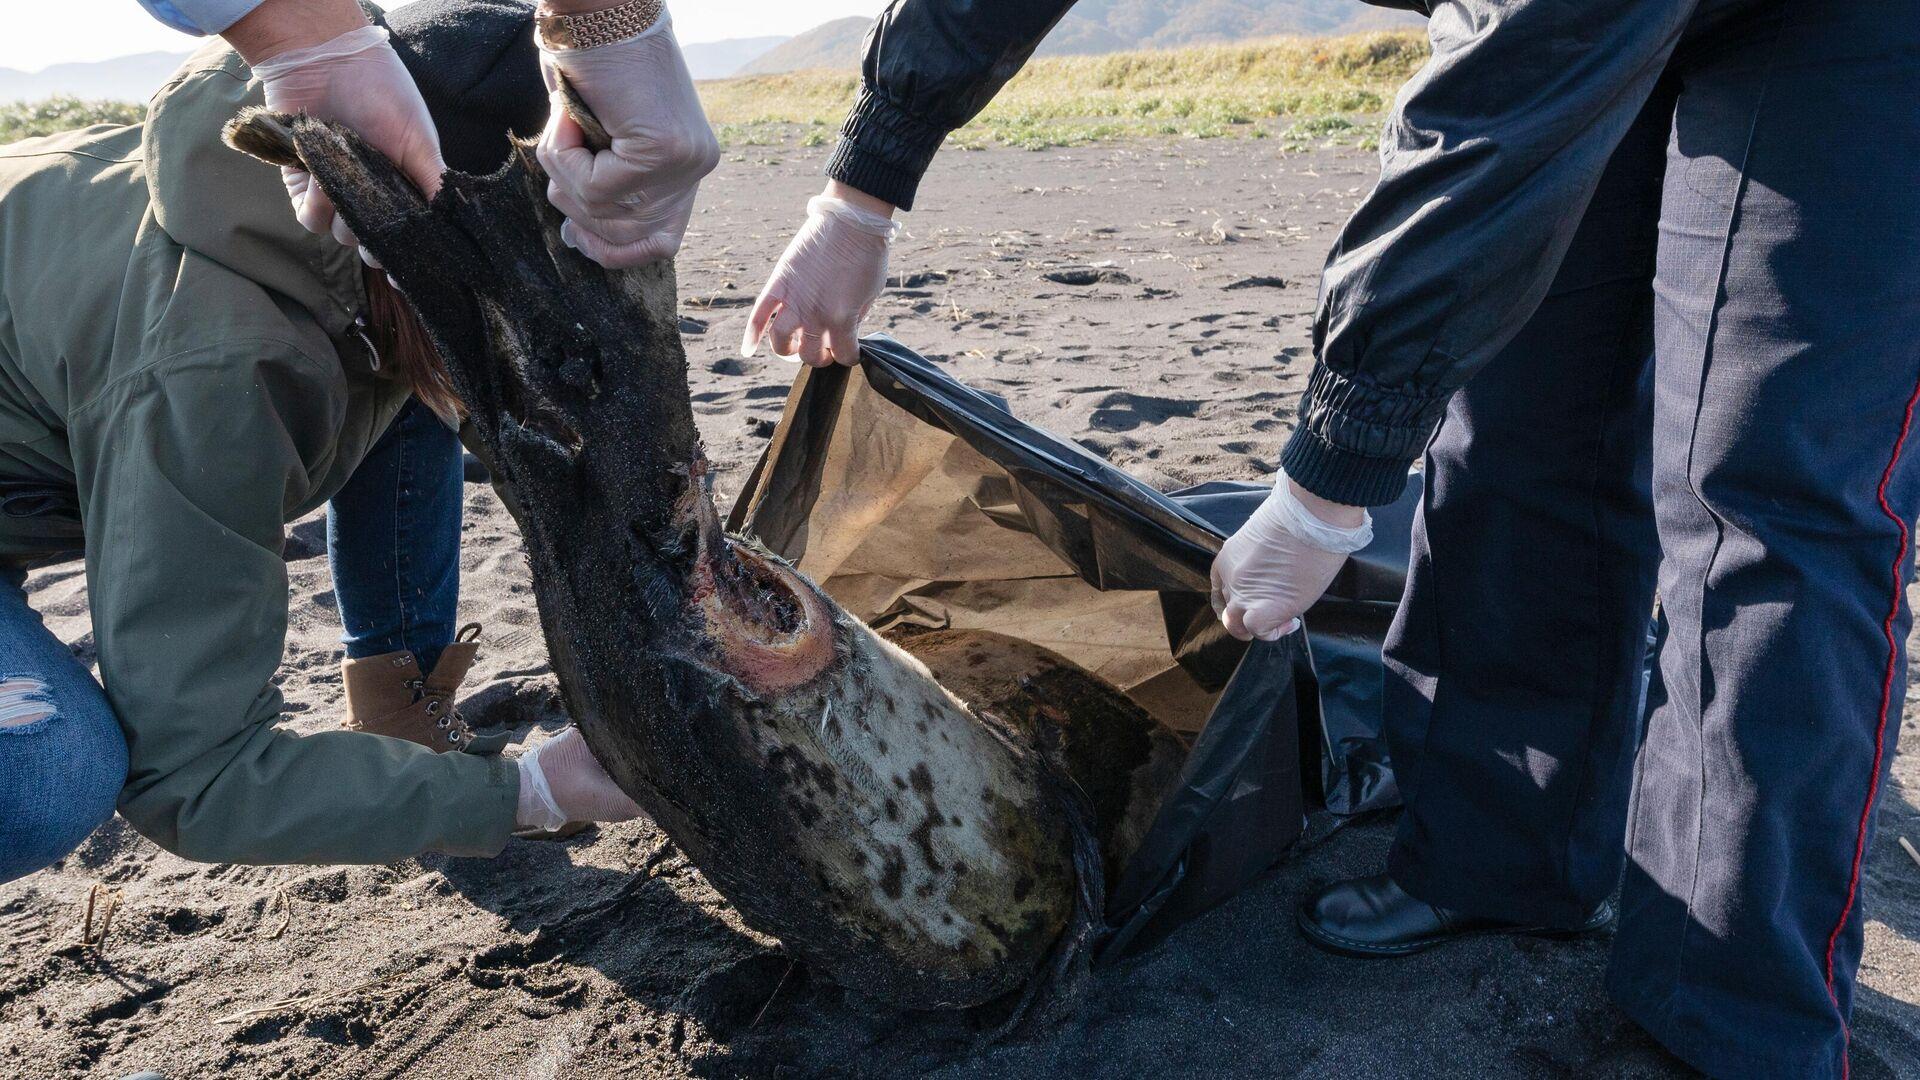 На Камчатке тысячи морских животных выбросились на берег - РИА Новости, 1920, 03.10.2020